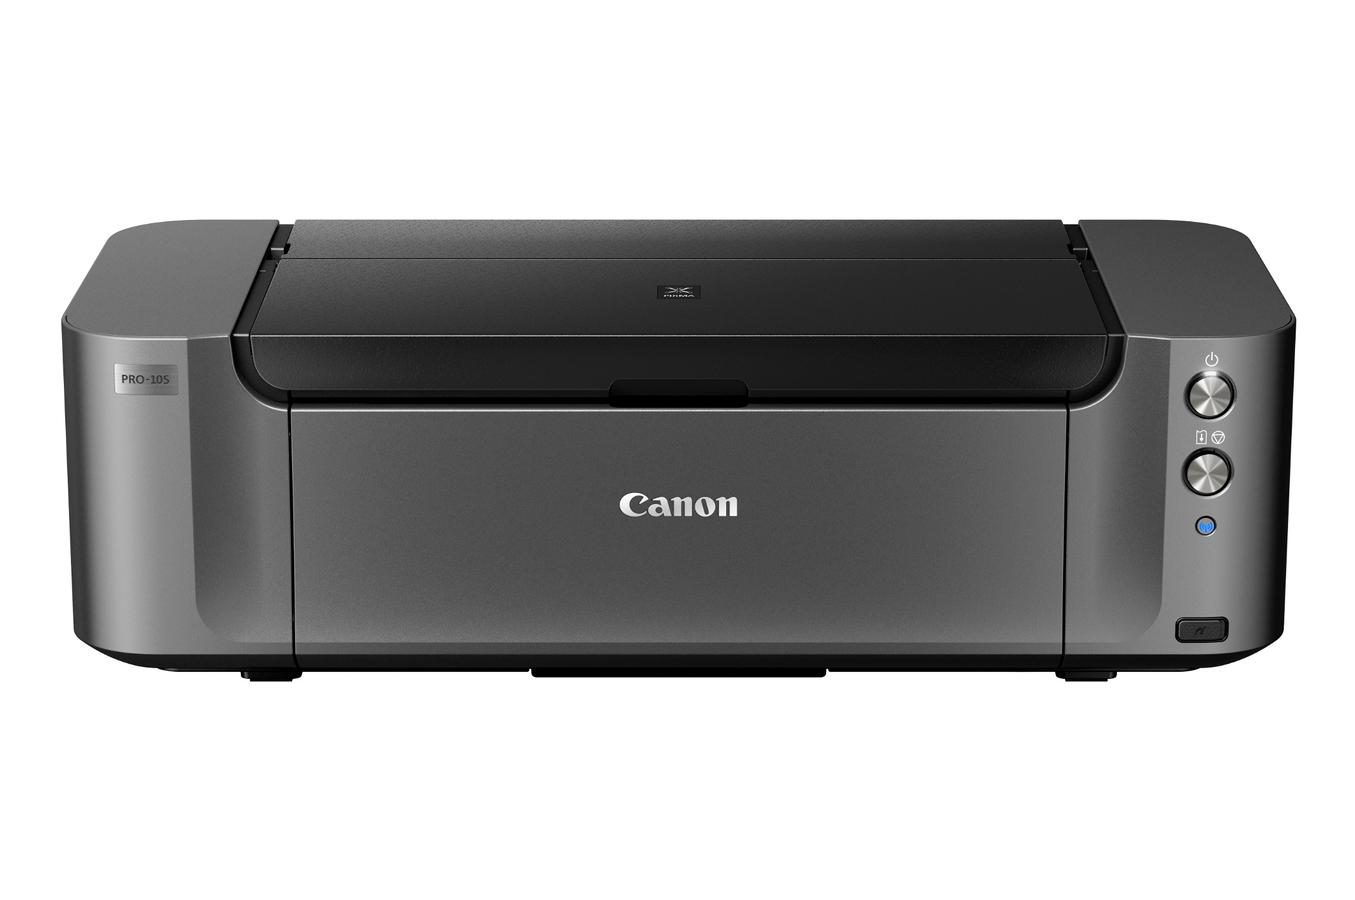 imprimante photo canon pixma pro 10s 4085256 darty. Black Bedroom Furniture Sets. Home Design Ideas